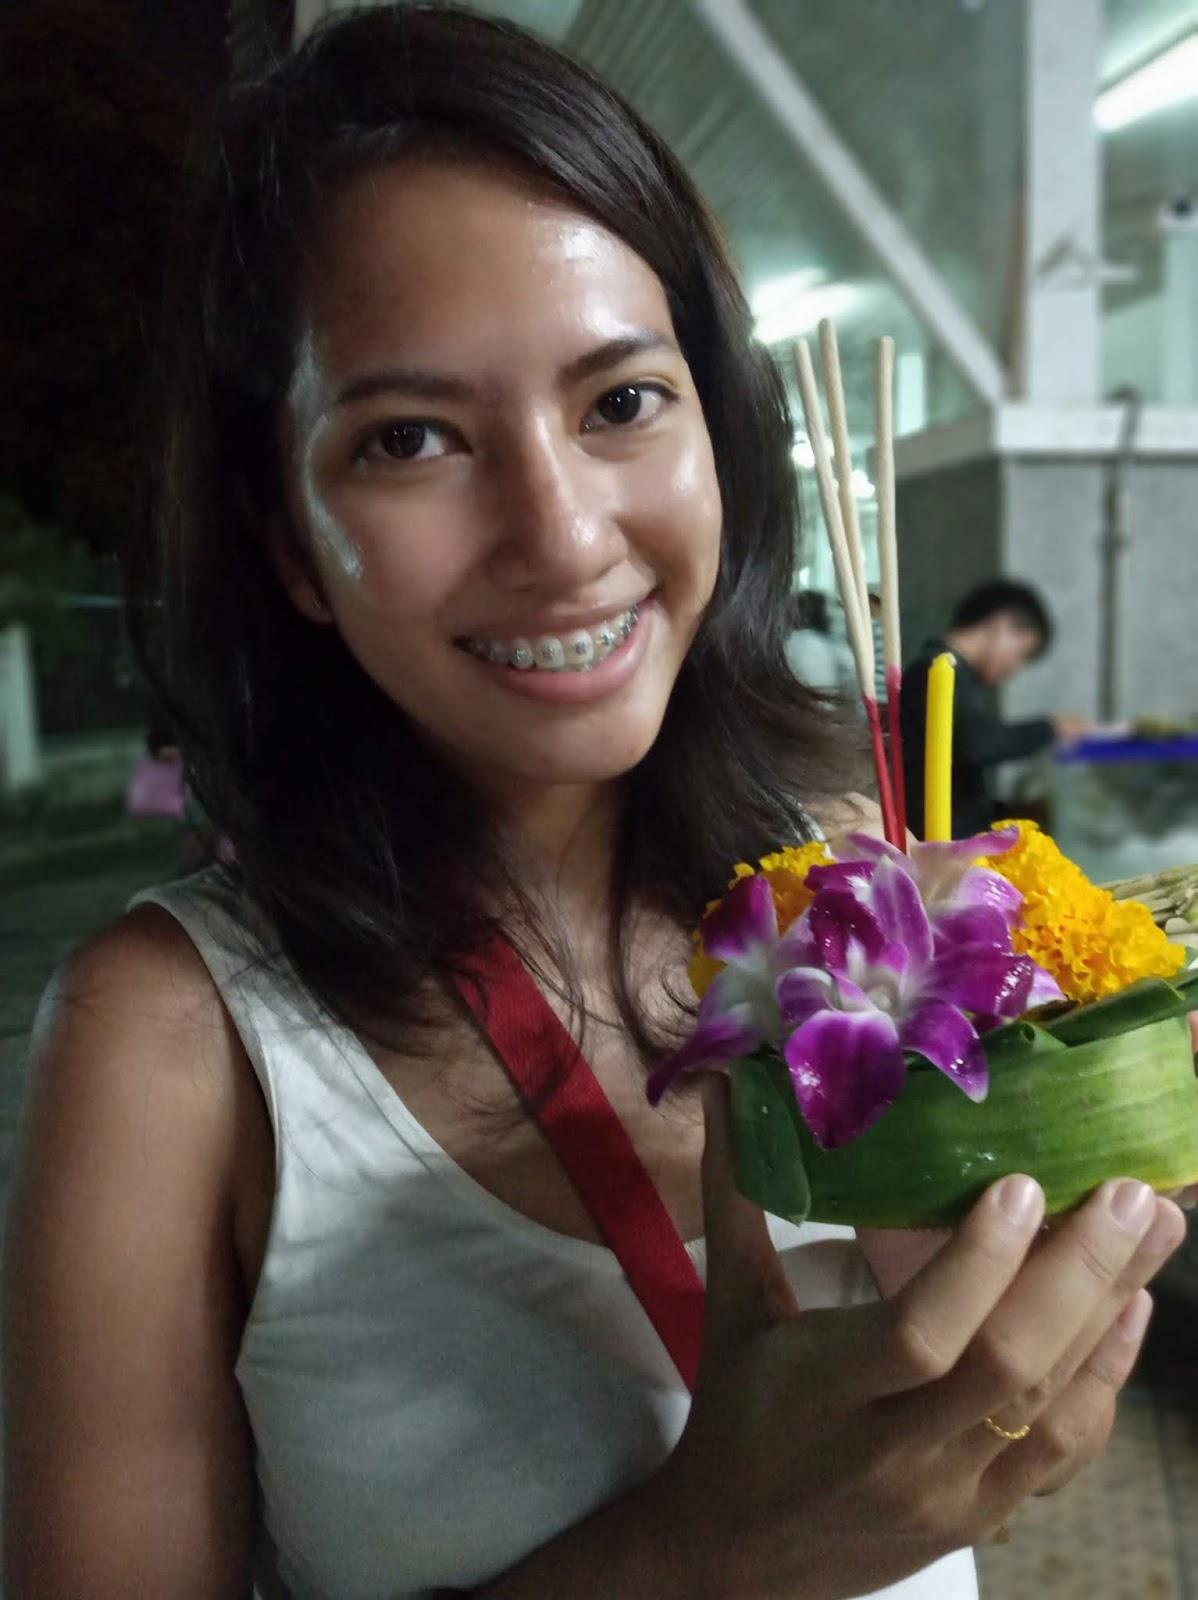 Celebrating Loy Krathong at Asiatique Bangkok Thailand | Ummi Goes Where?